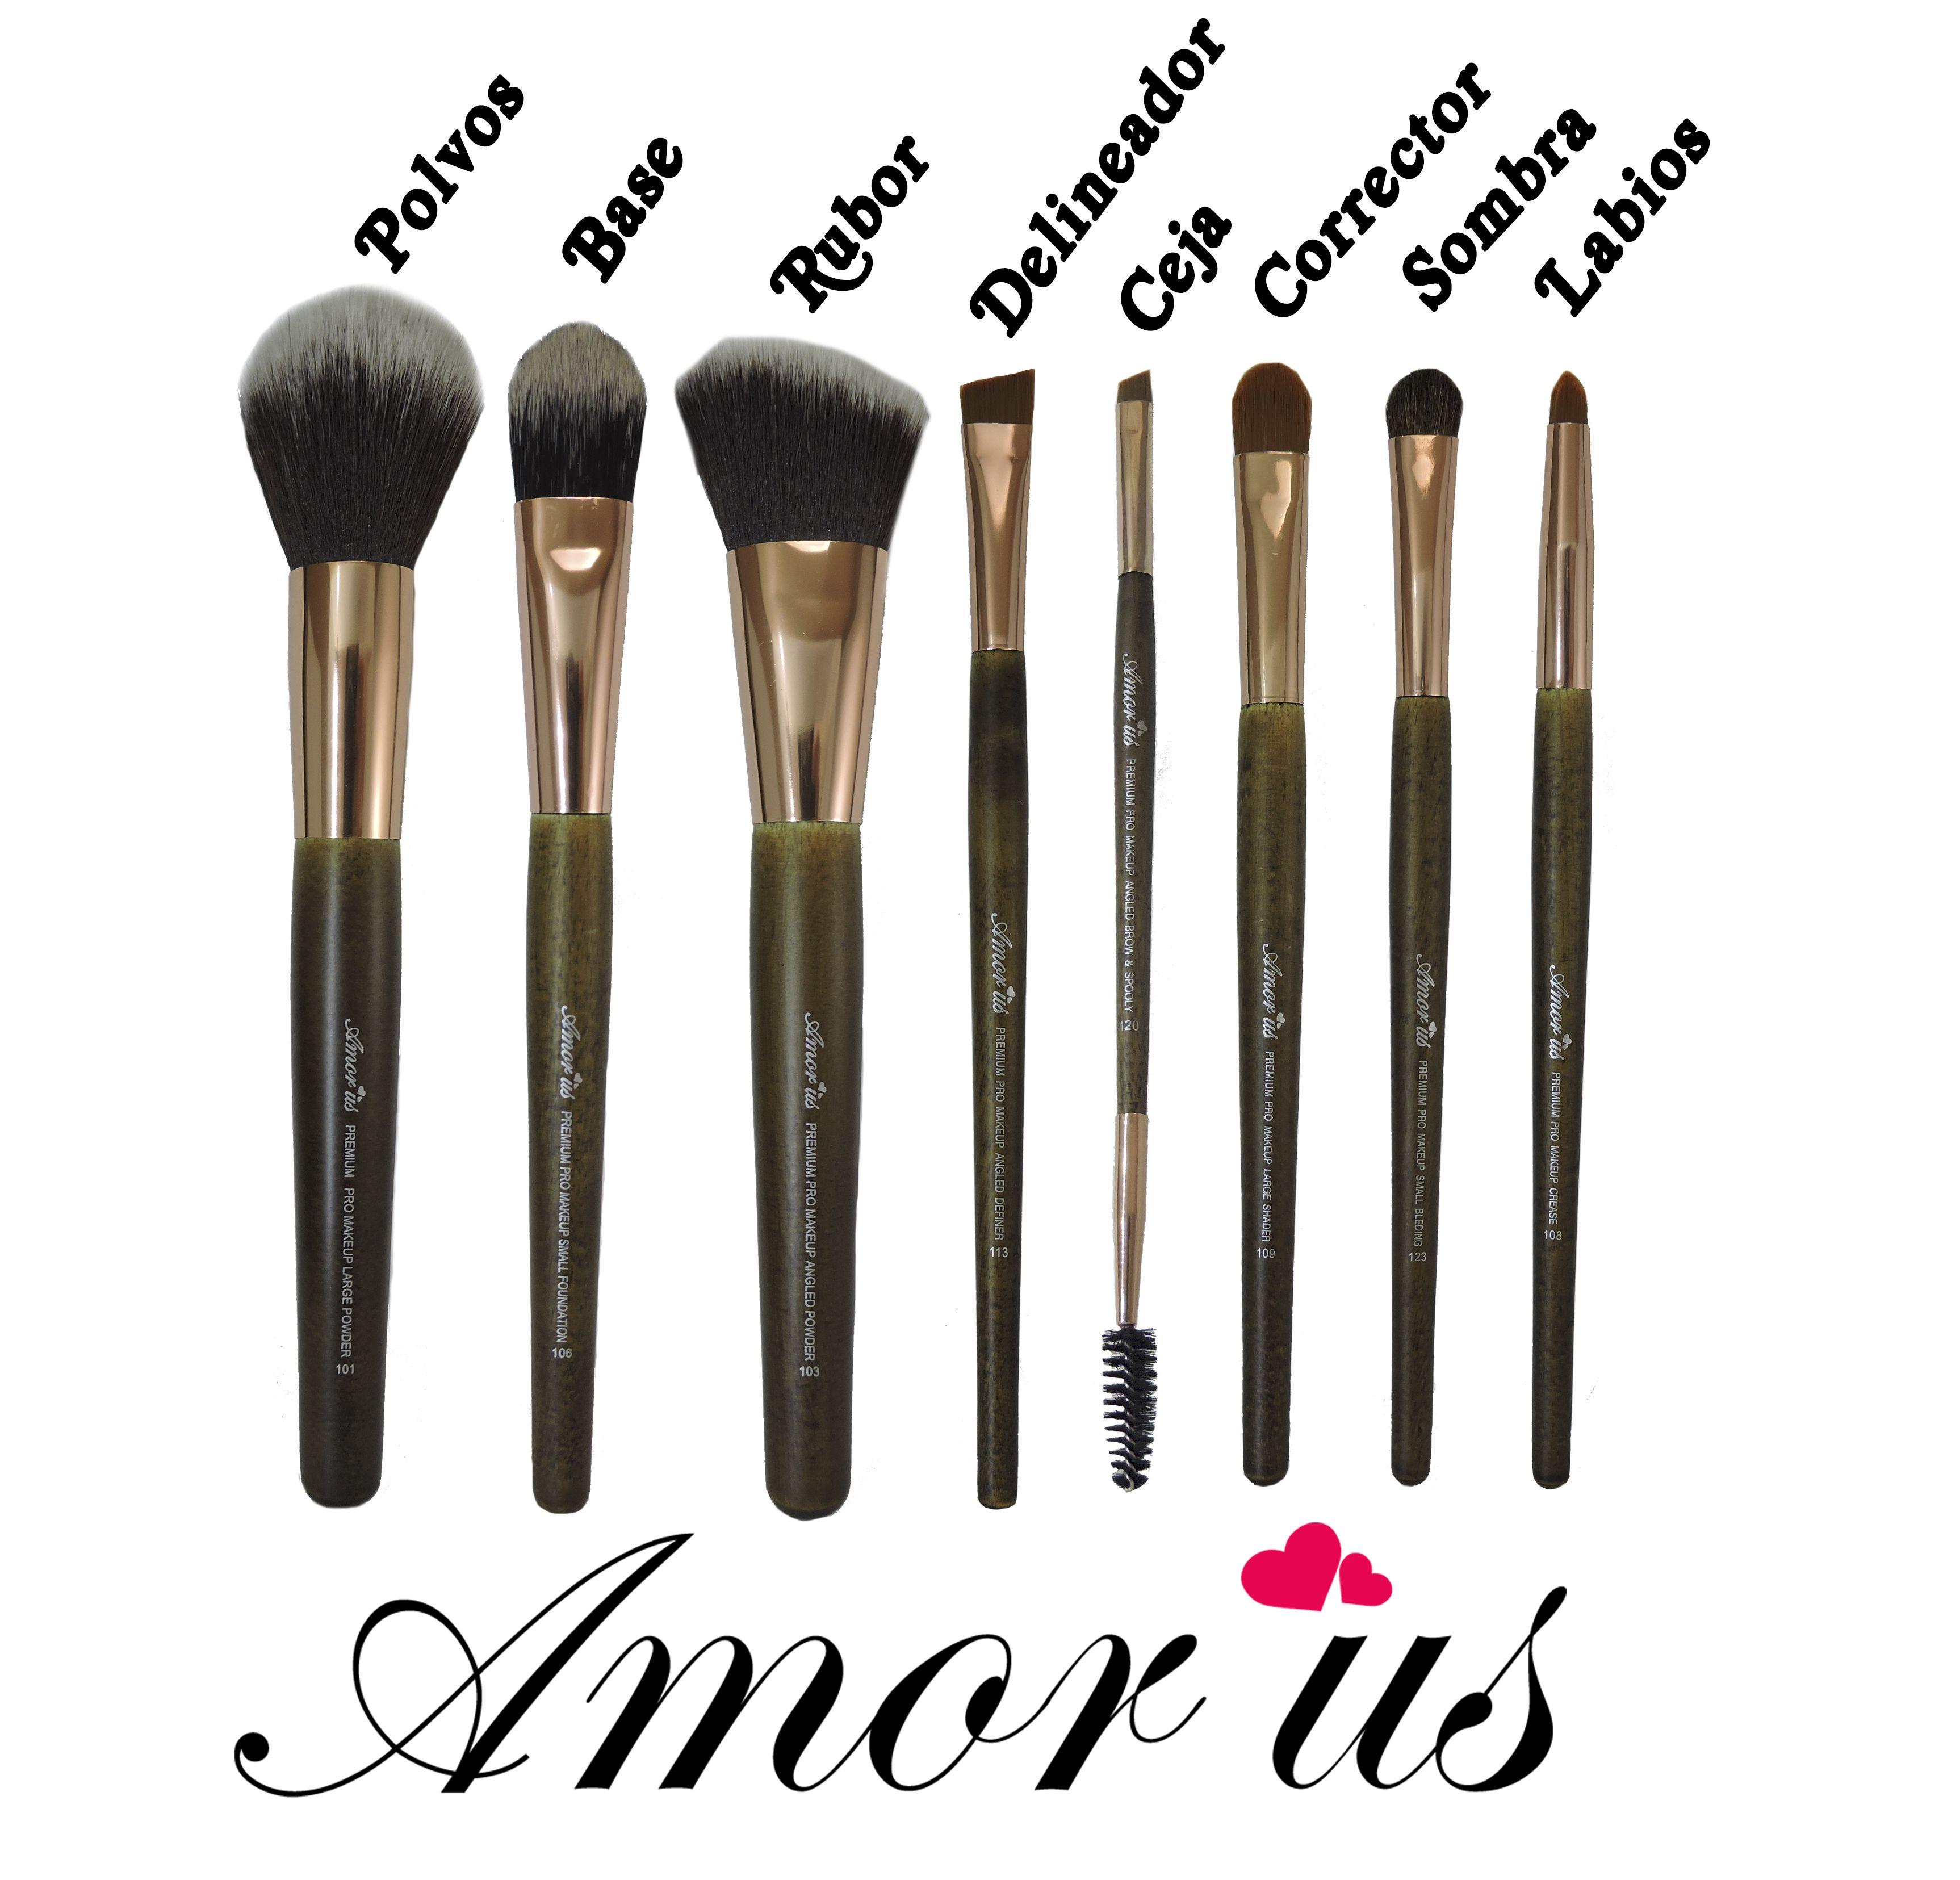 5eed3161f ¿Sabías sus nombres? #Maquillaje #BelloRostro #Guapa | Vestir | Brochas de  maquillaje, Maquillaje, Maquillaje de ojos